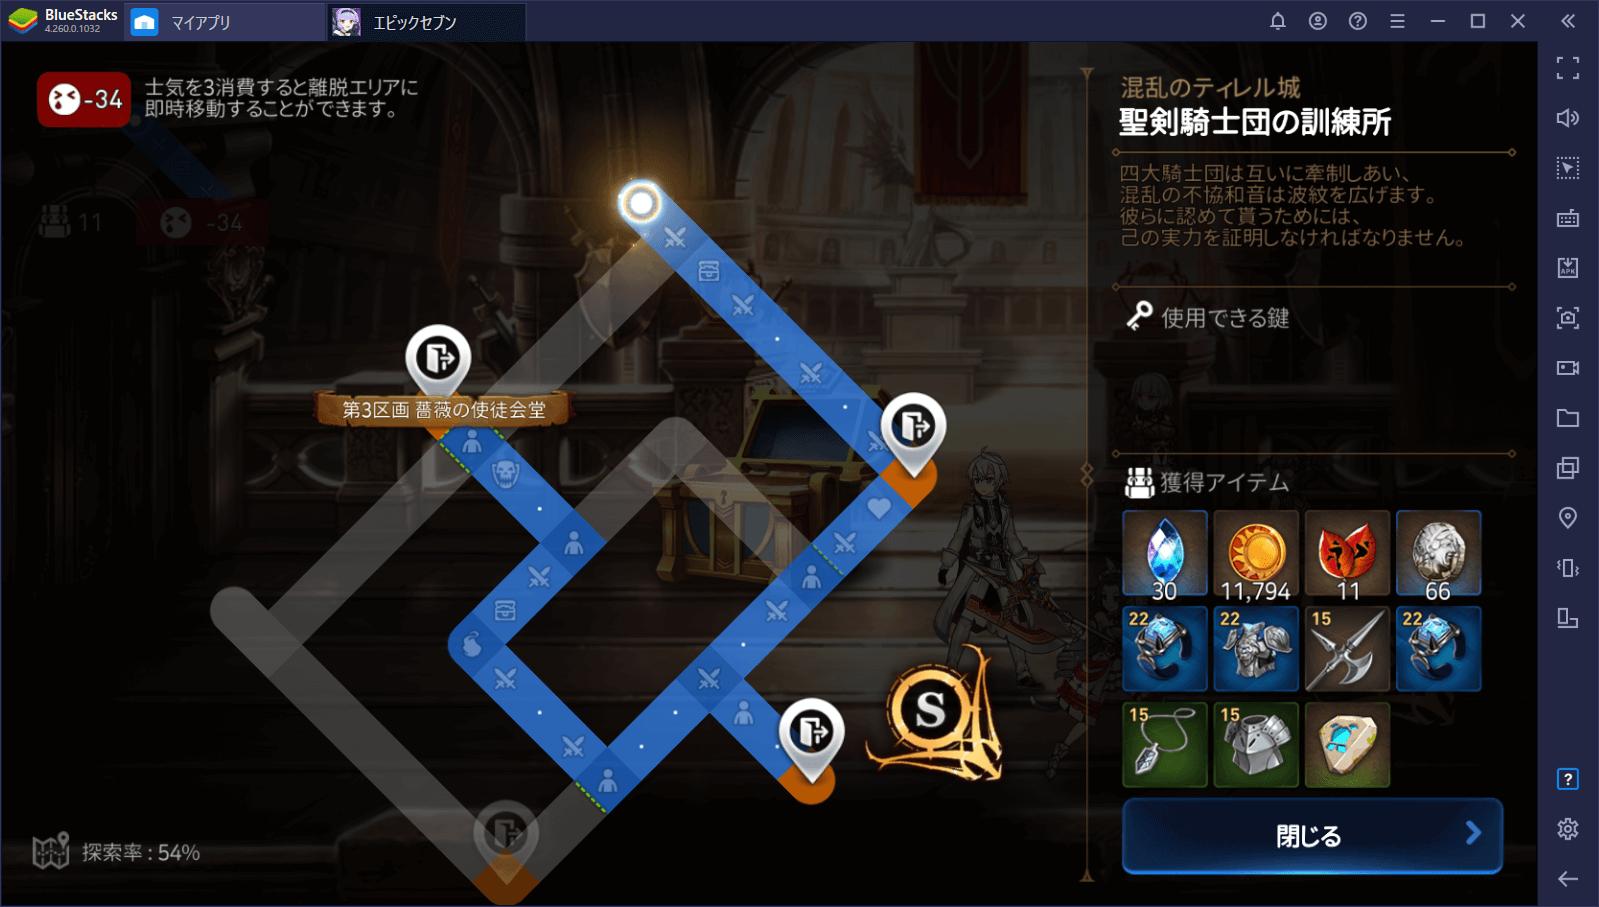 BlueStacks:『エピックセブン』迷宮「聖剣騎士団の訓練所」攻略ガイド